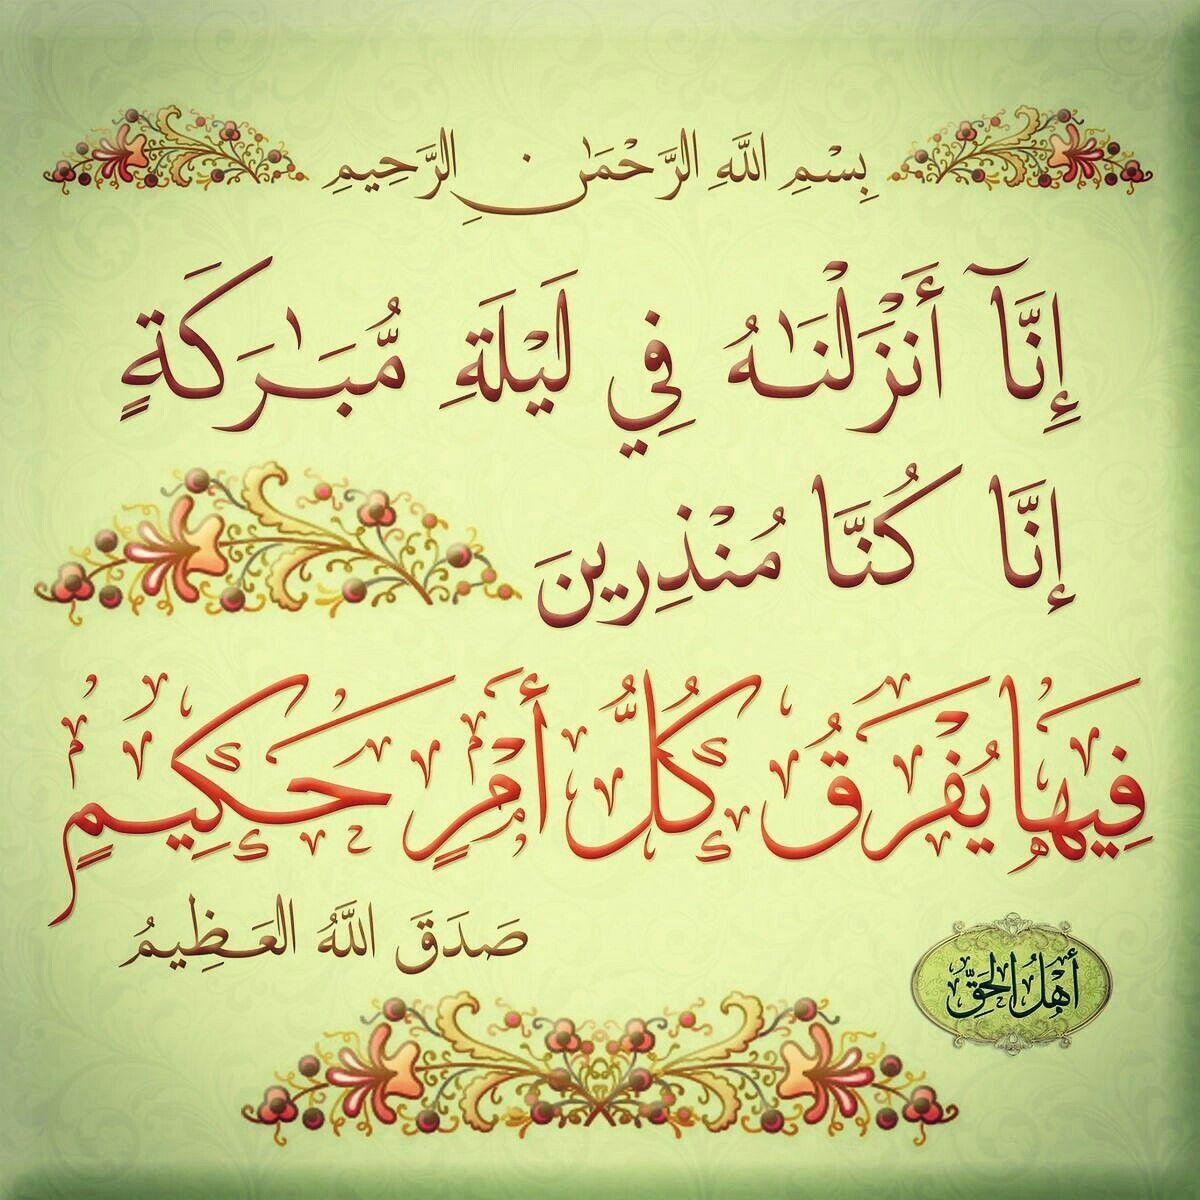 ٢٢ اللهم لا إله إلا أنت عزيز عليم واسع حكيم سبحانك وبحمدك جل جلالك وعظم تعظيمك لكتابك المبين المنزل على عظيمك النذير المبين Prayer For The Day Quran Prayers